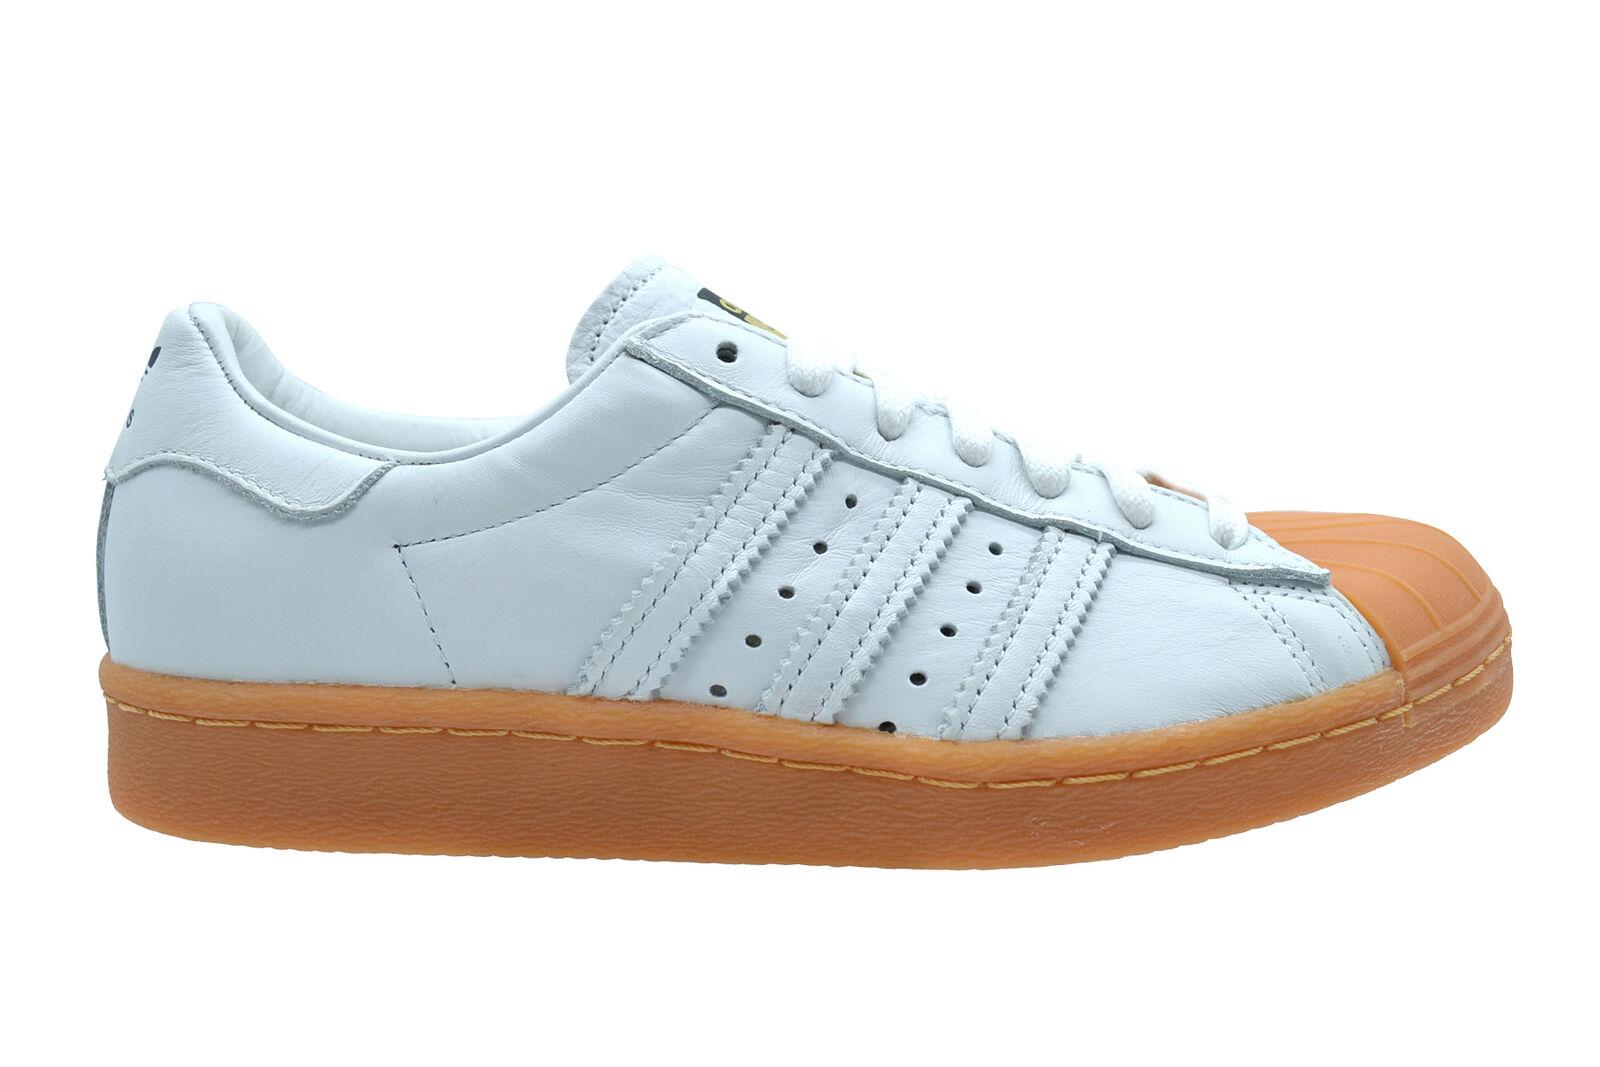 Adidas Superstar 80s 80s 80s DLX Weiß Gold metallic